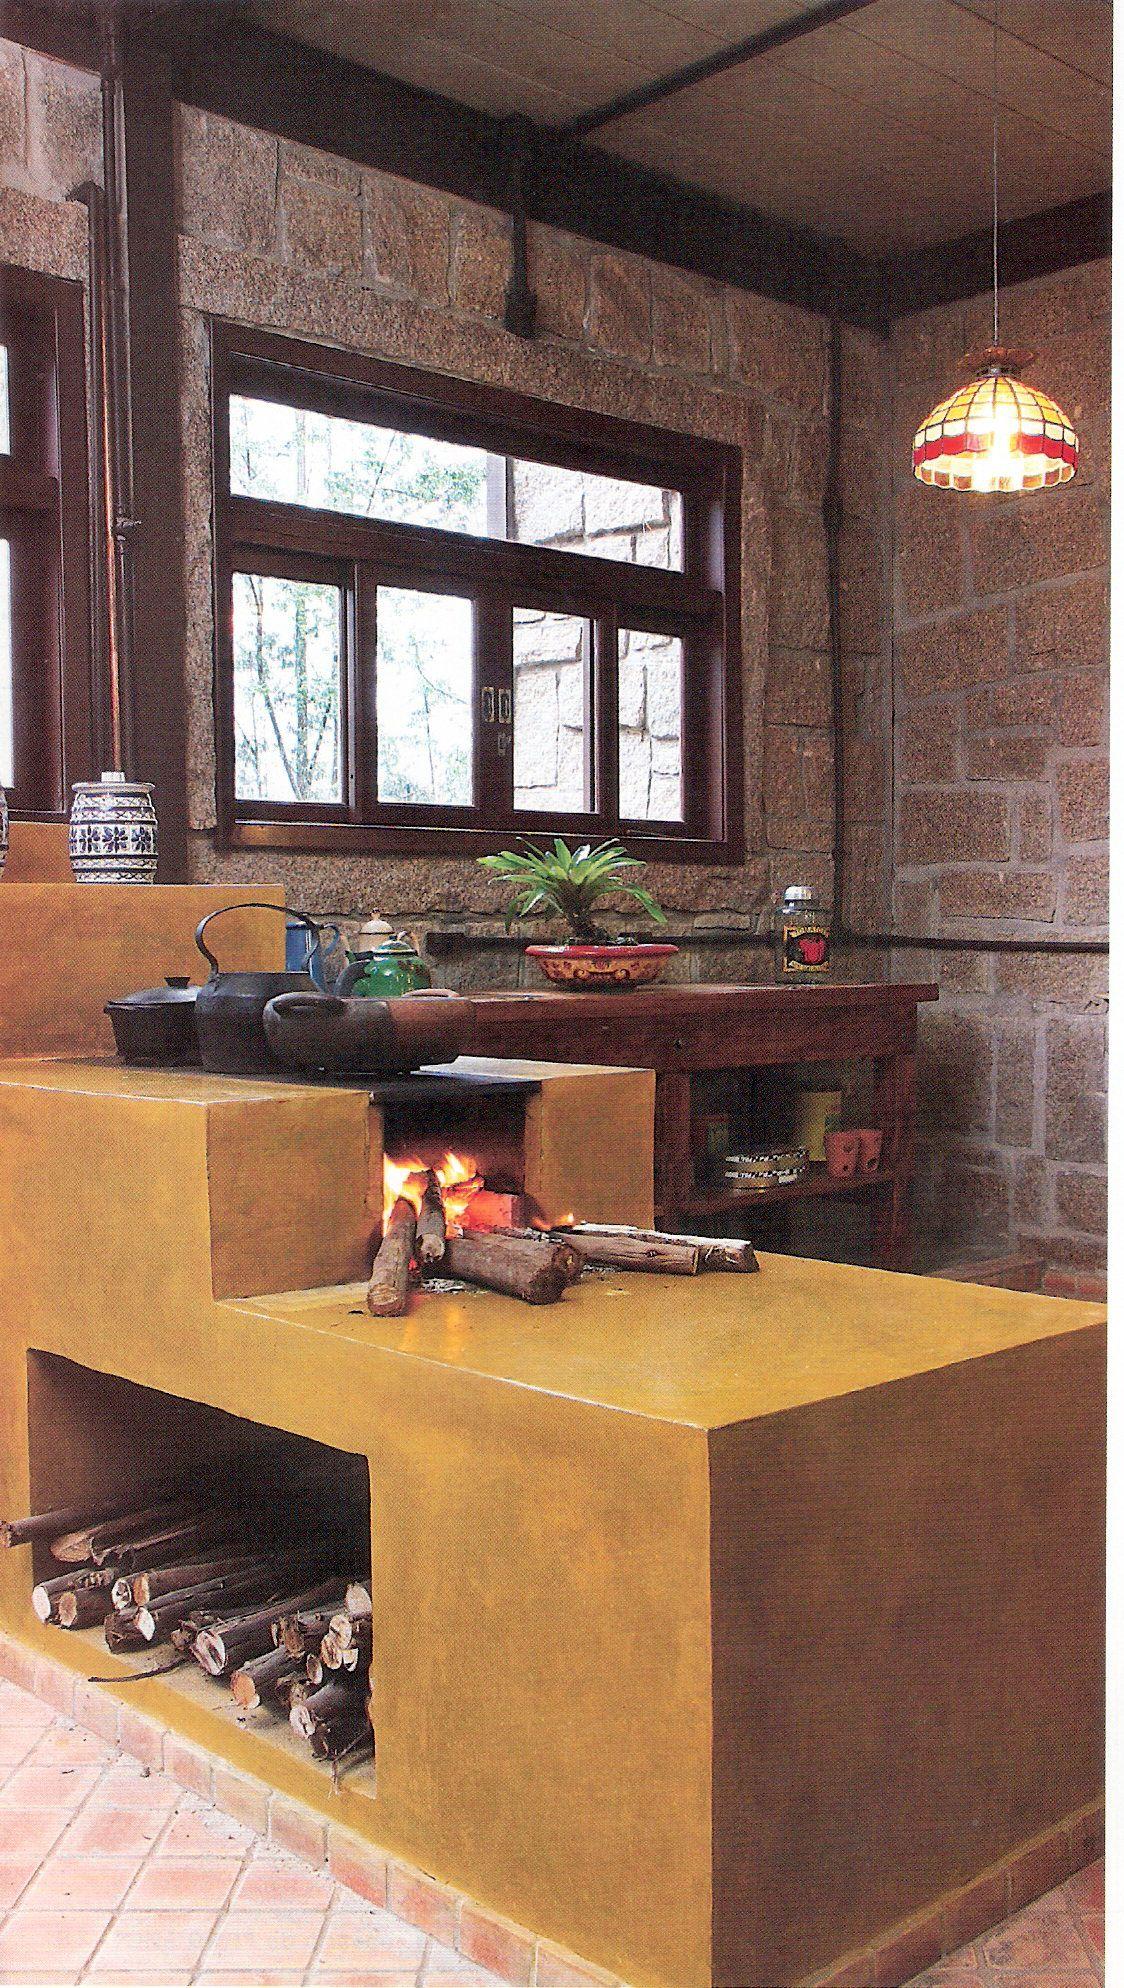 Janela p colocar no s tio s tio fog o a lenha cozinha for Modelos de hogares a lena rusticos